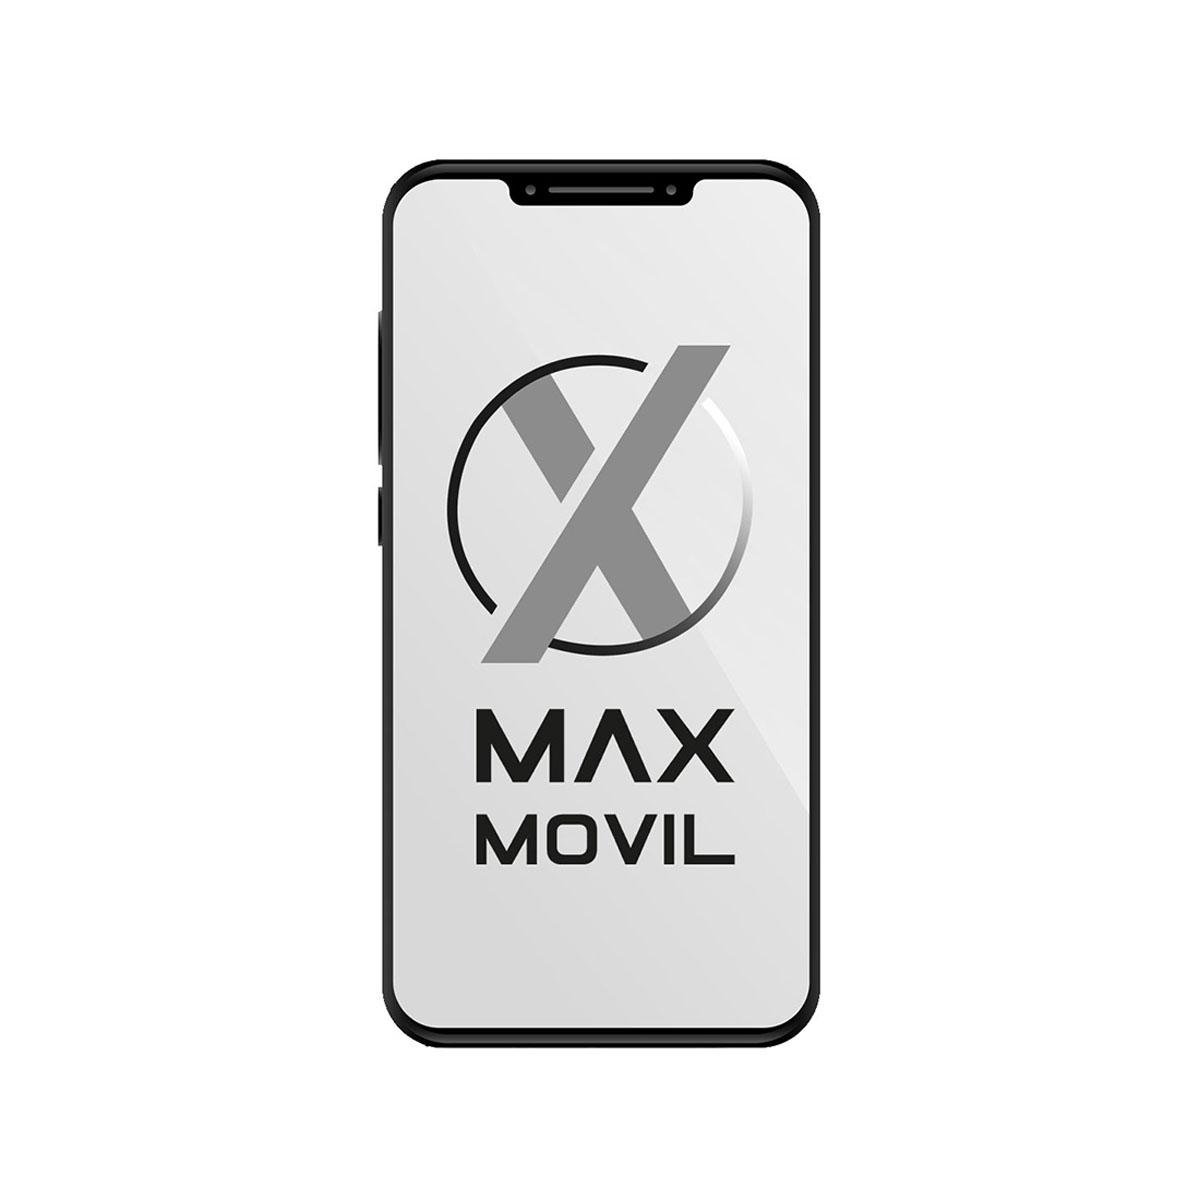 Moviltruito | Motorola Moto G 2015 XT1541 16 Gb blanco libre SEMINUEVO